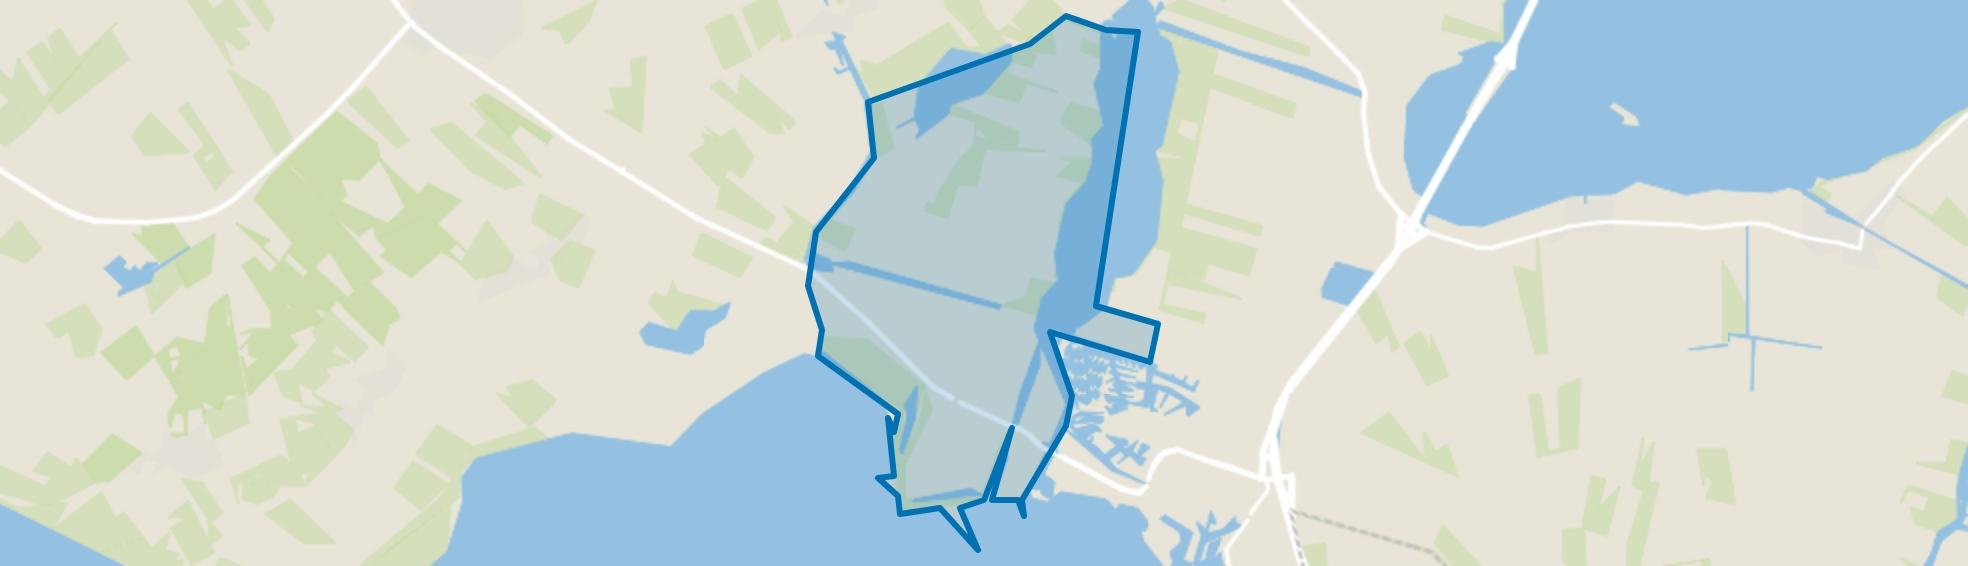 Lemmer-Buitengebied, Lemmer map